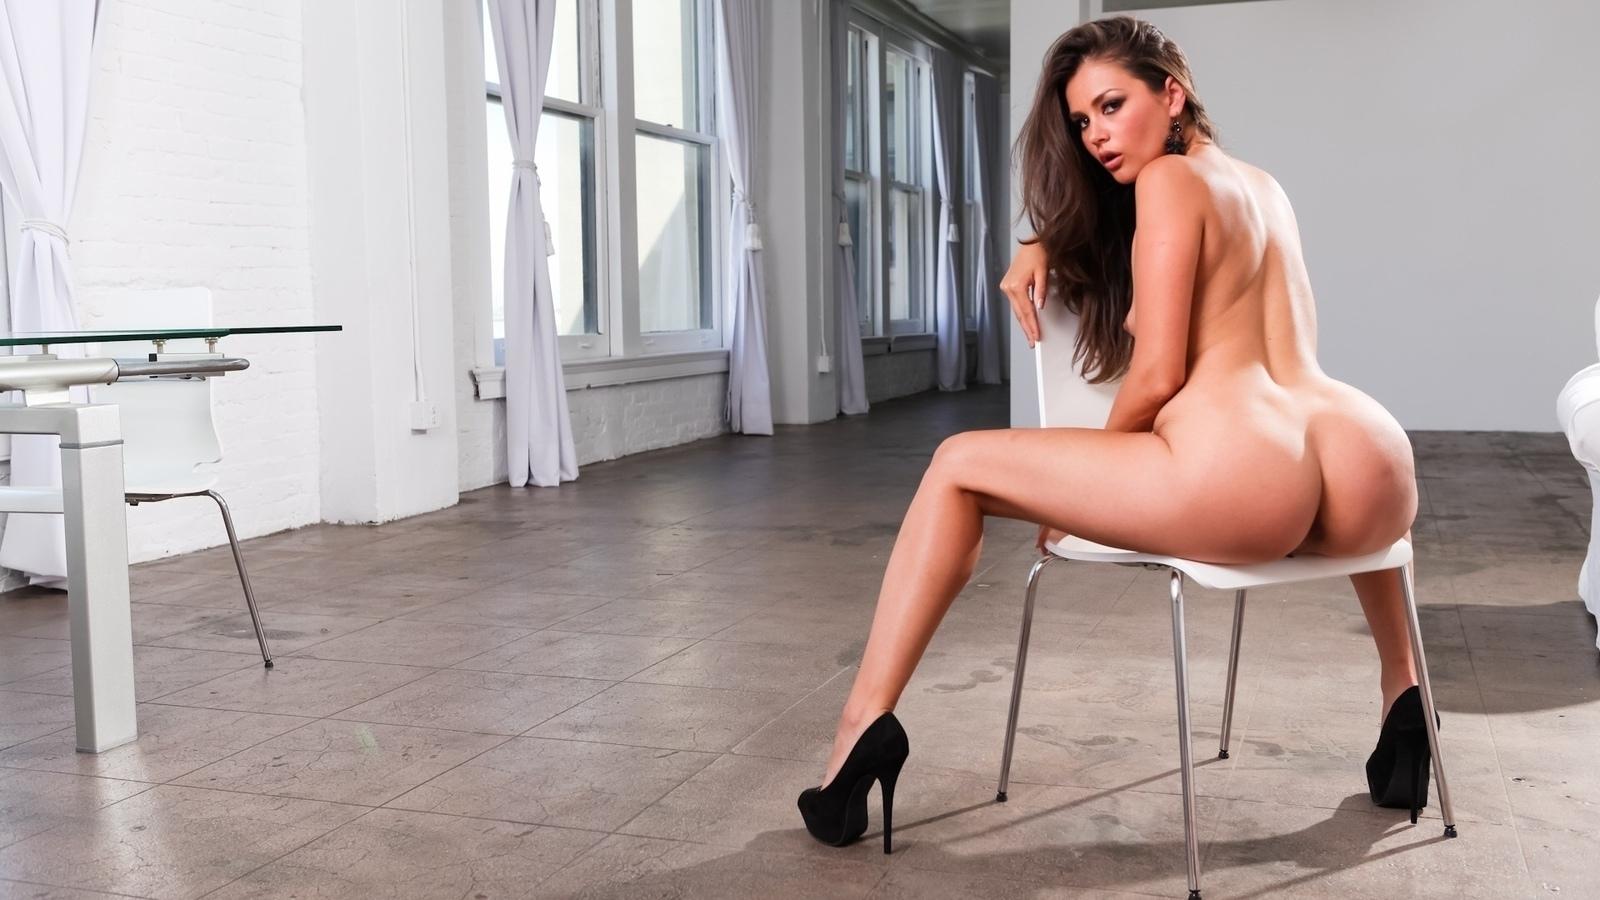 красотка, поза, стул, взгляд, сексуальная, эротика